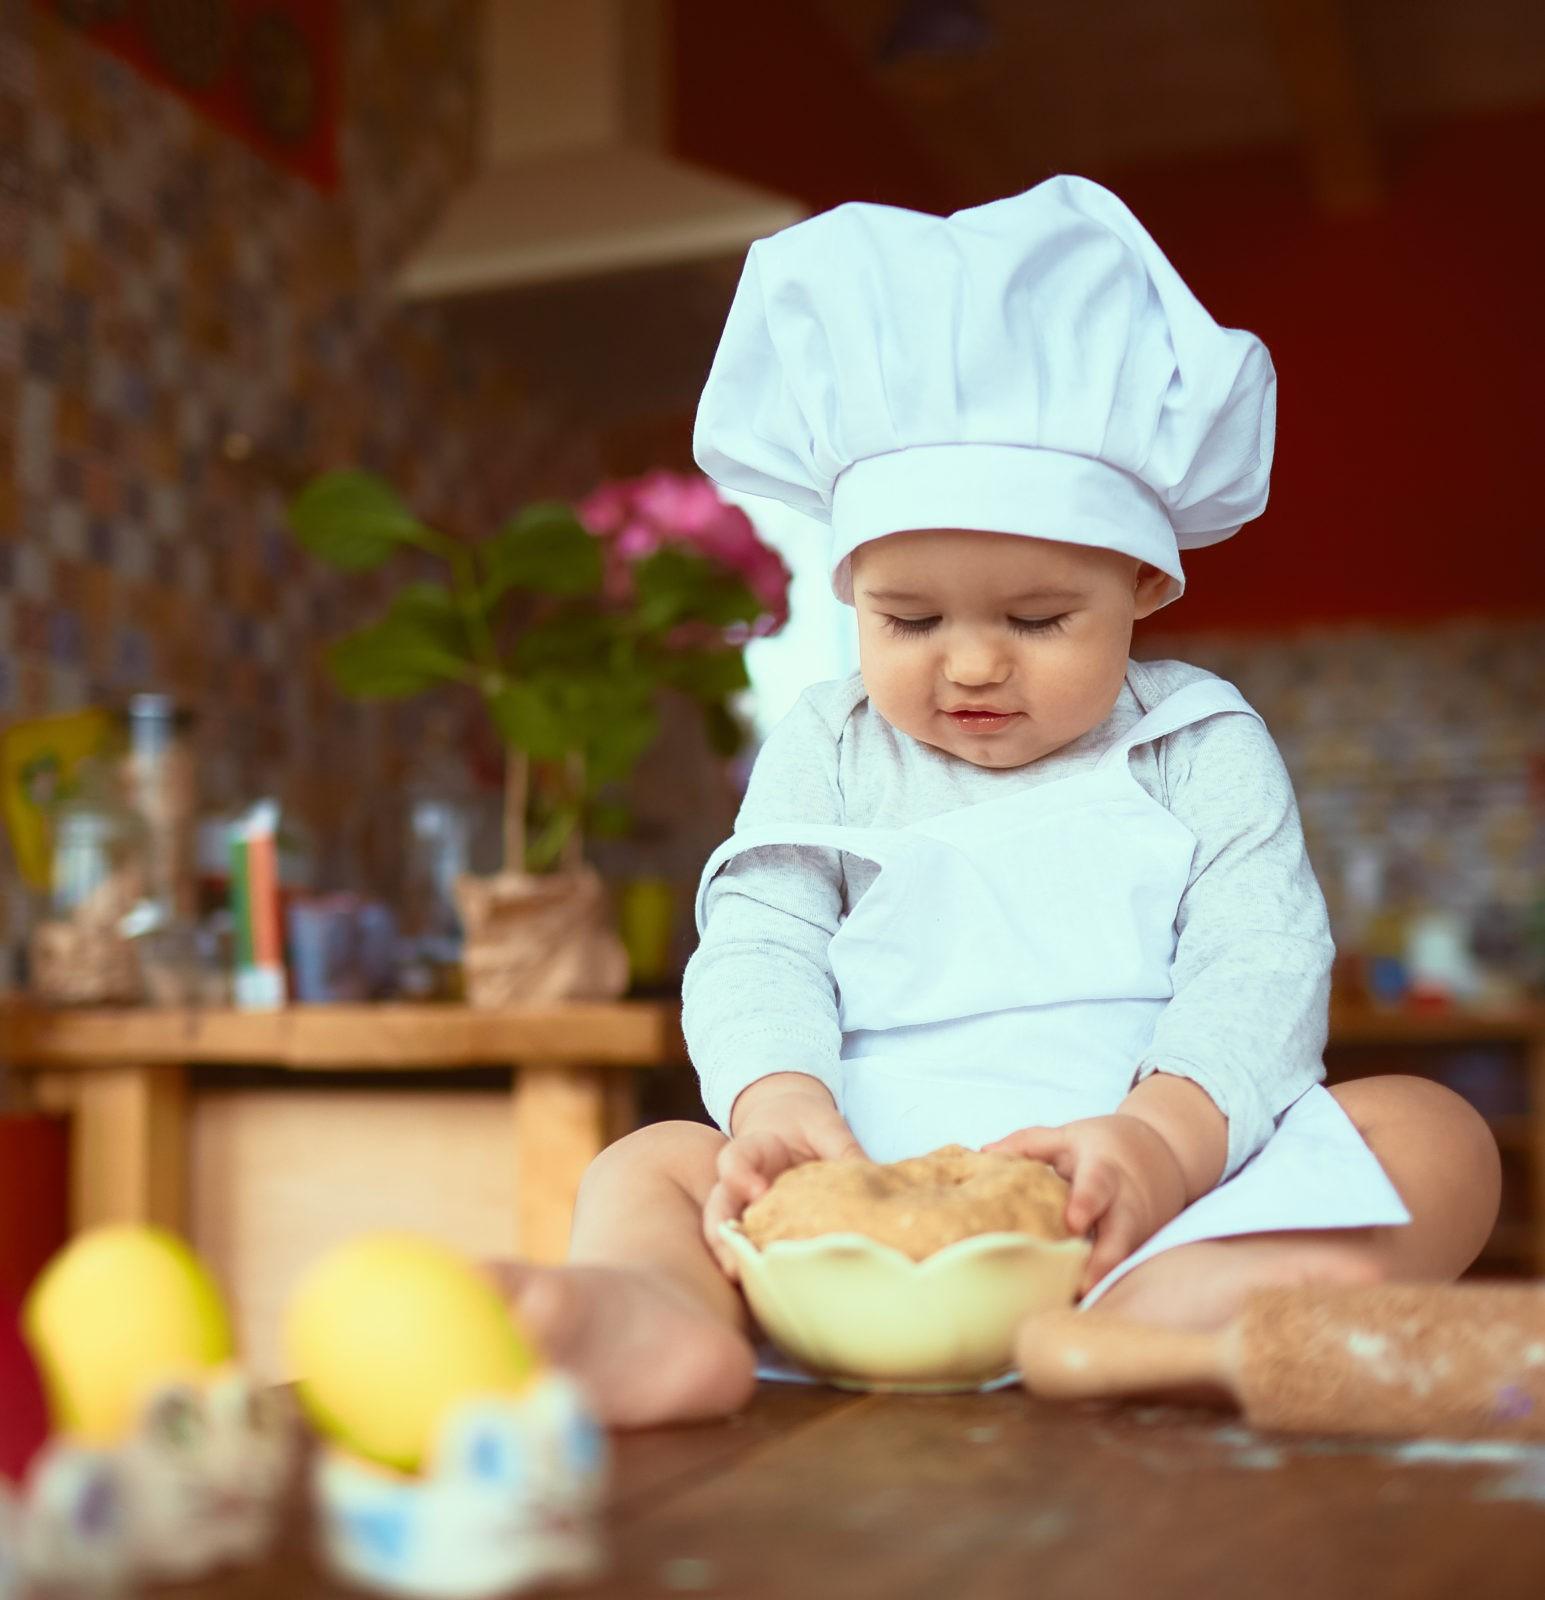 Рецепты полезных блюд для правильного развития детей